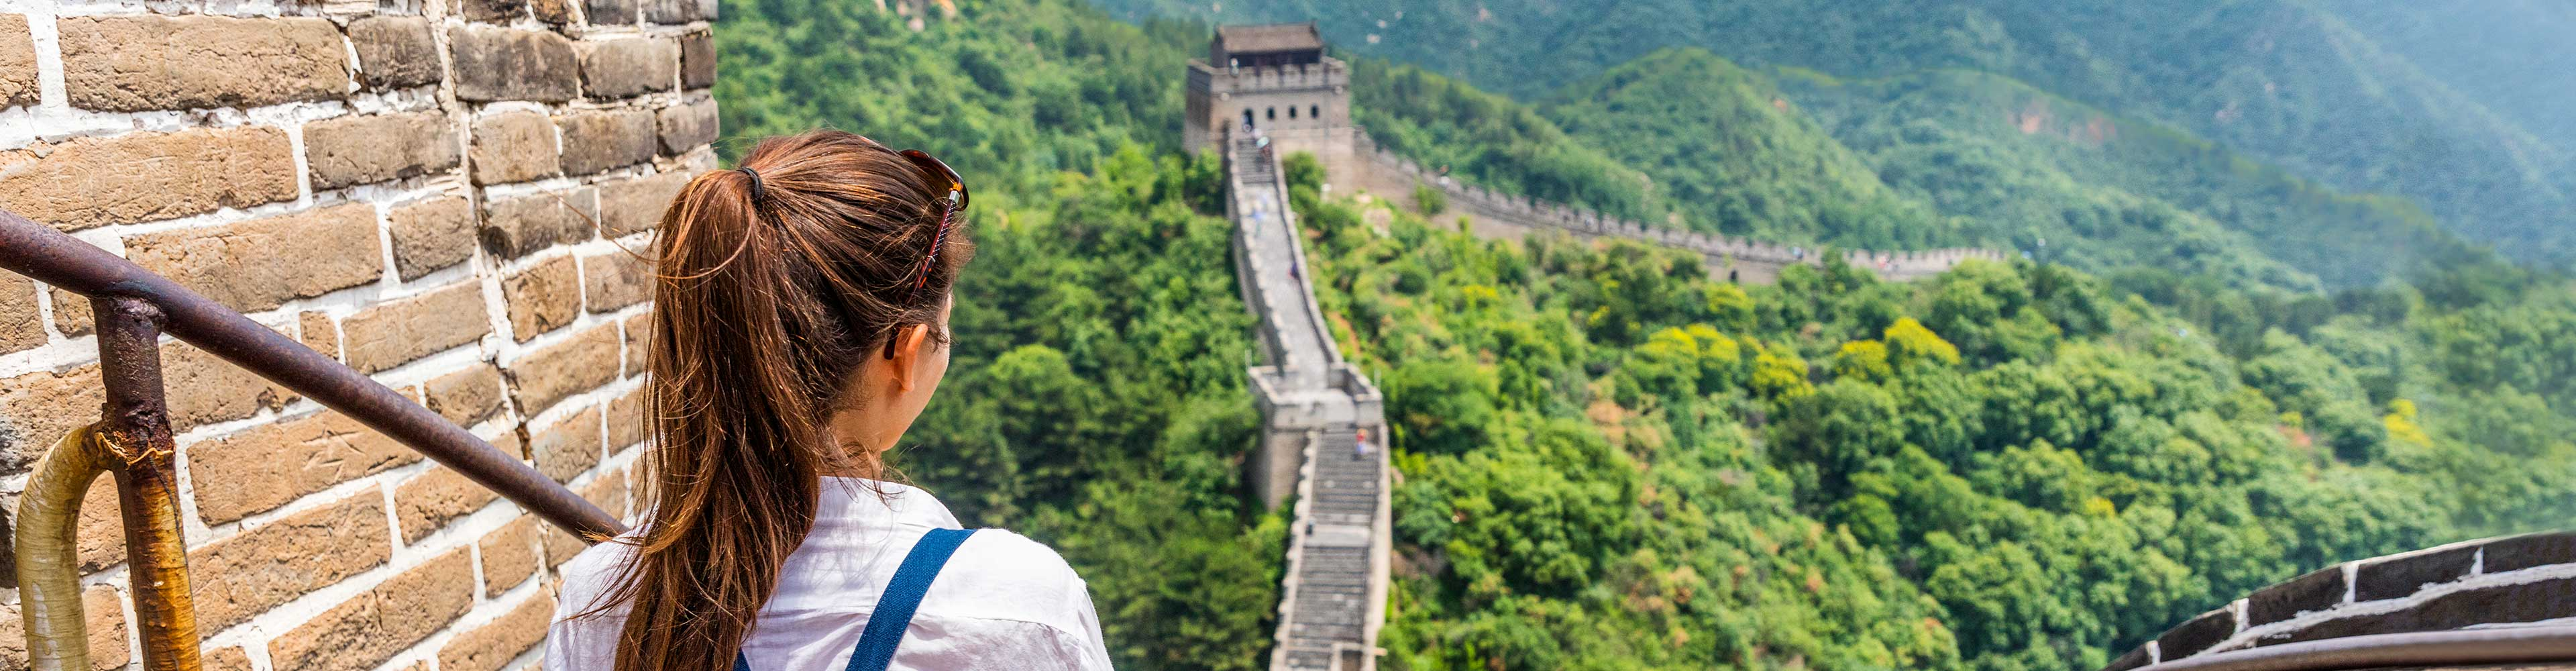 Real China